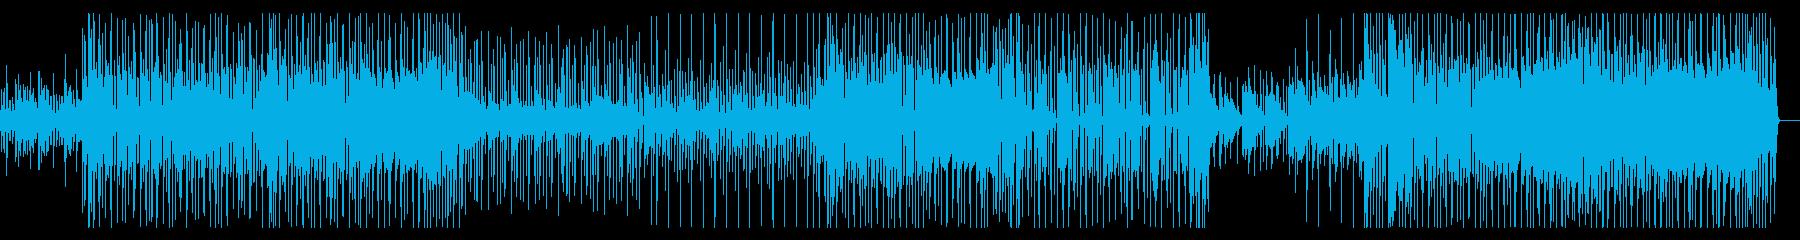 軽快なピアノとアコギ 爽やかなBGMの再生済みの波形